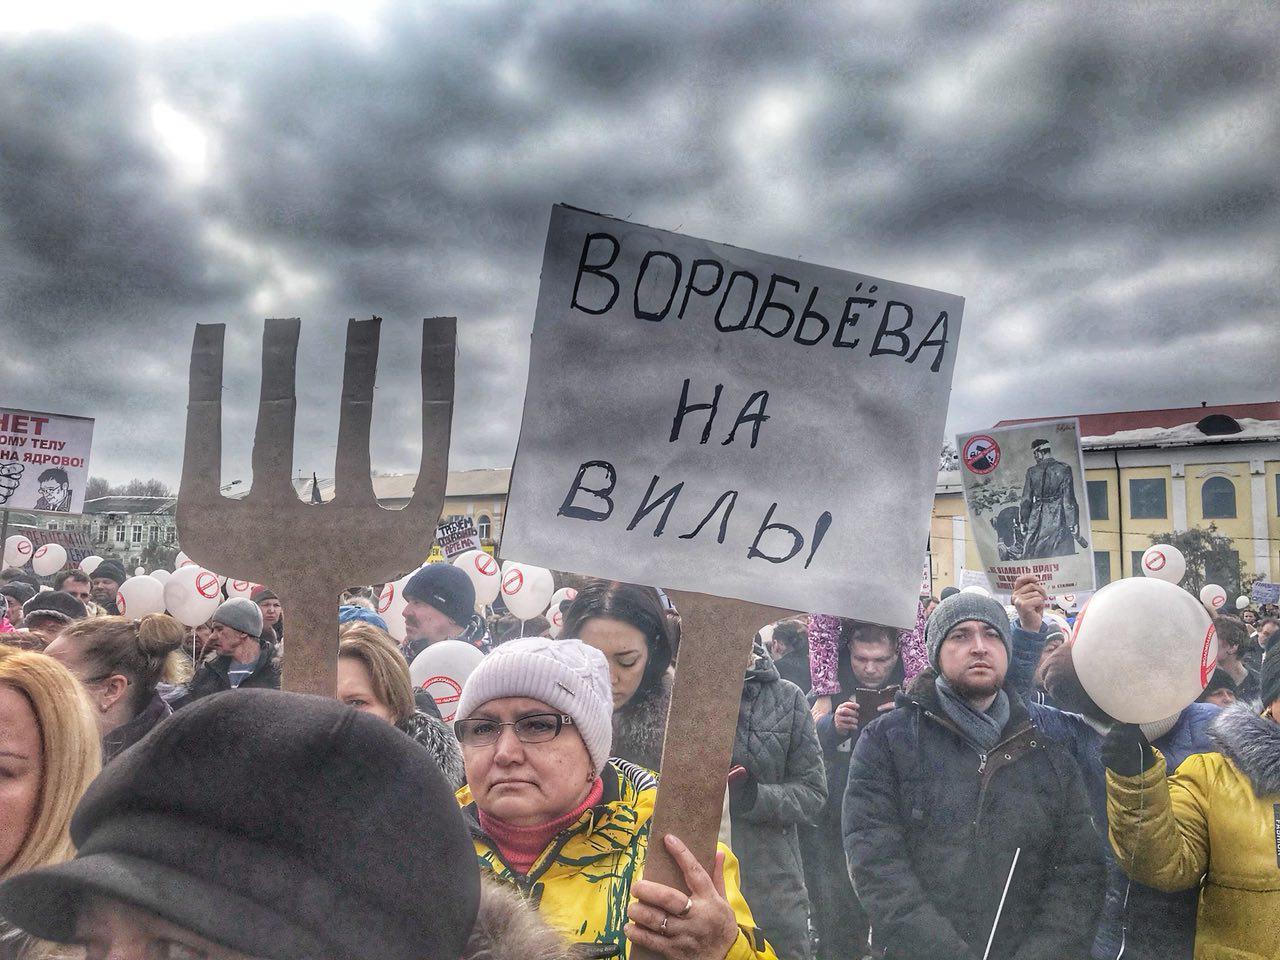 ВВолоколамске намитинг против свалки вышли 6 тыс. граждан